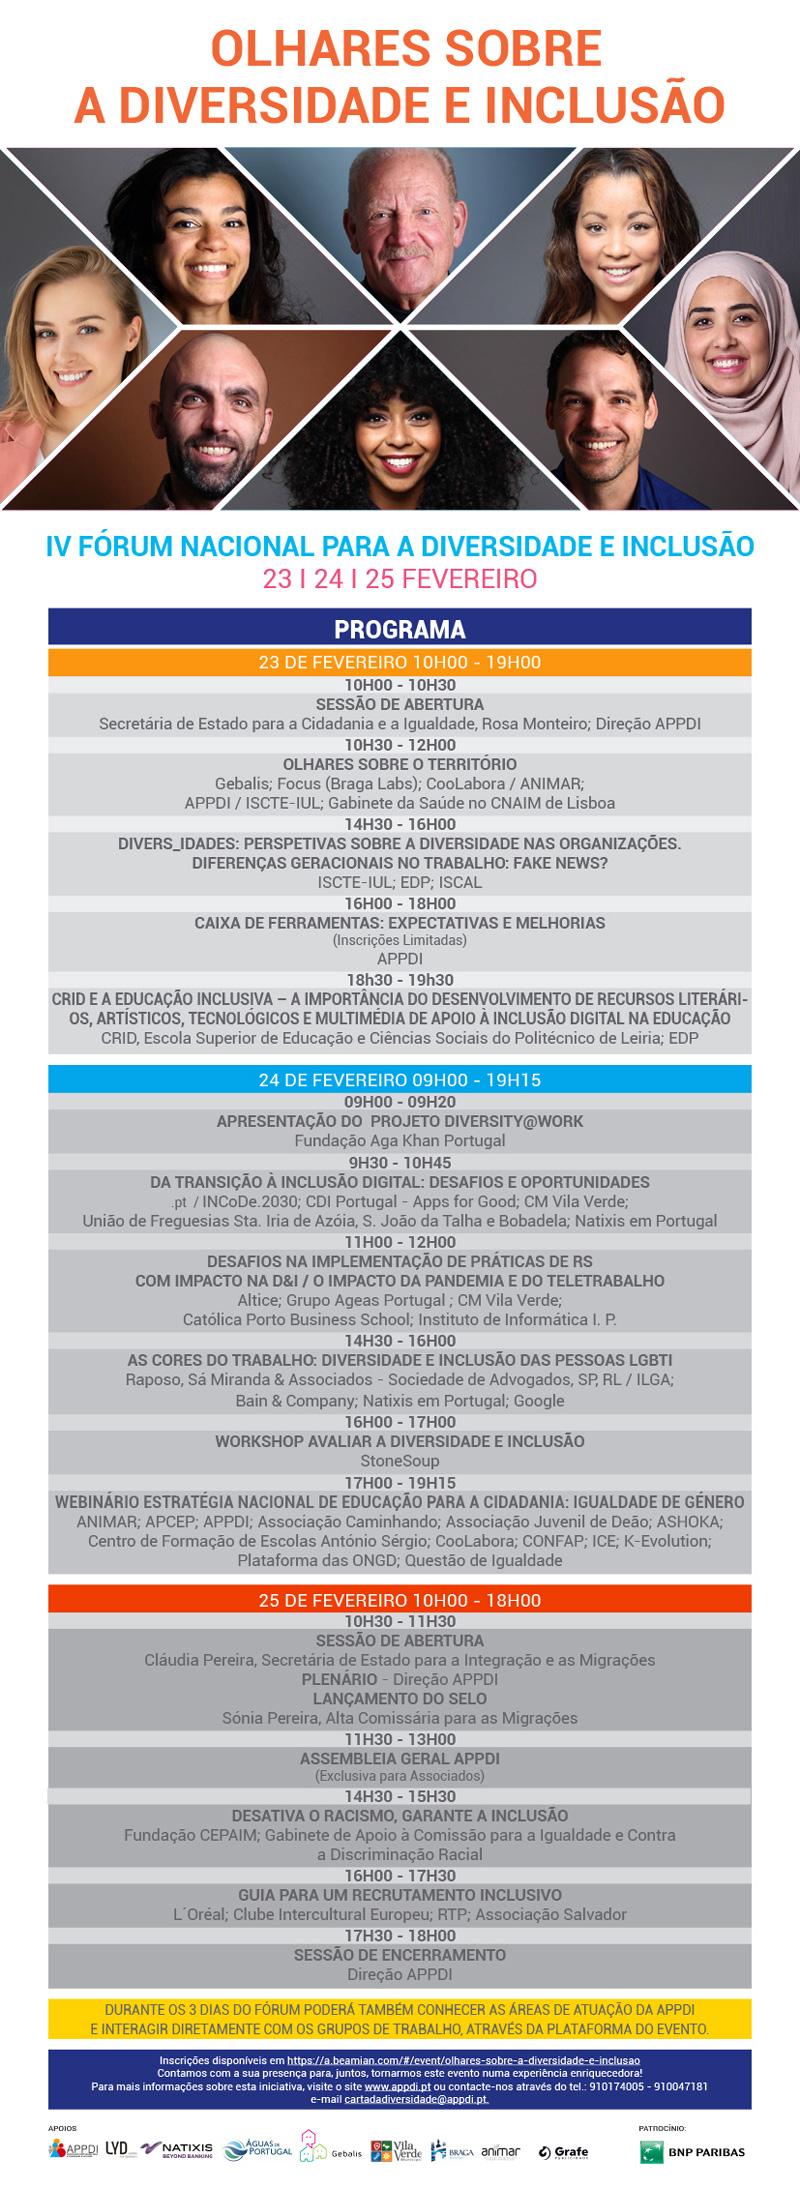 IV Fórum Nacional para a Diversidade e Inclusão - 23/24/25 Fevereiro  IV Fórum Nacional para a Diversidade e Inclusão iv forum nacional diversidade inclusao programa 1